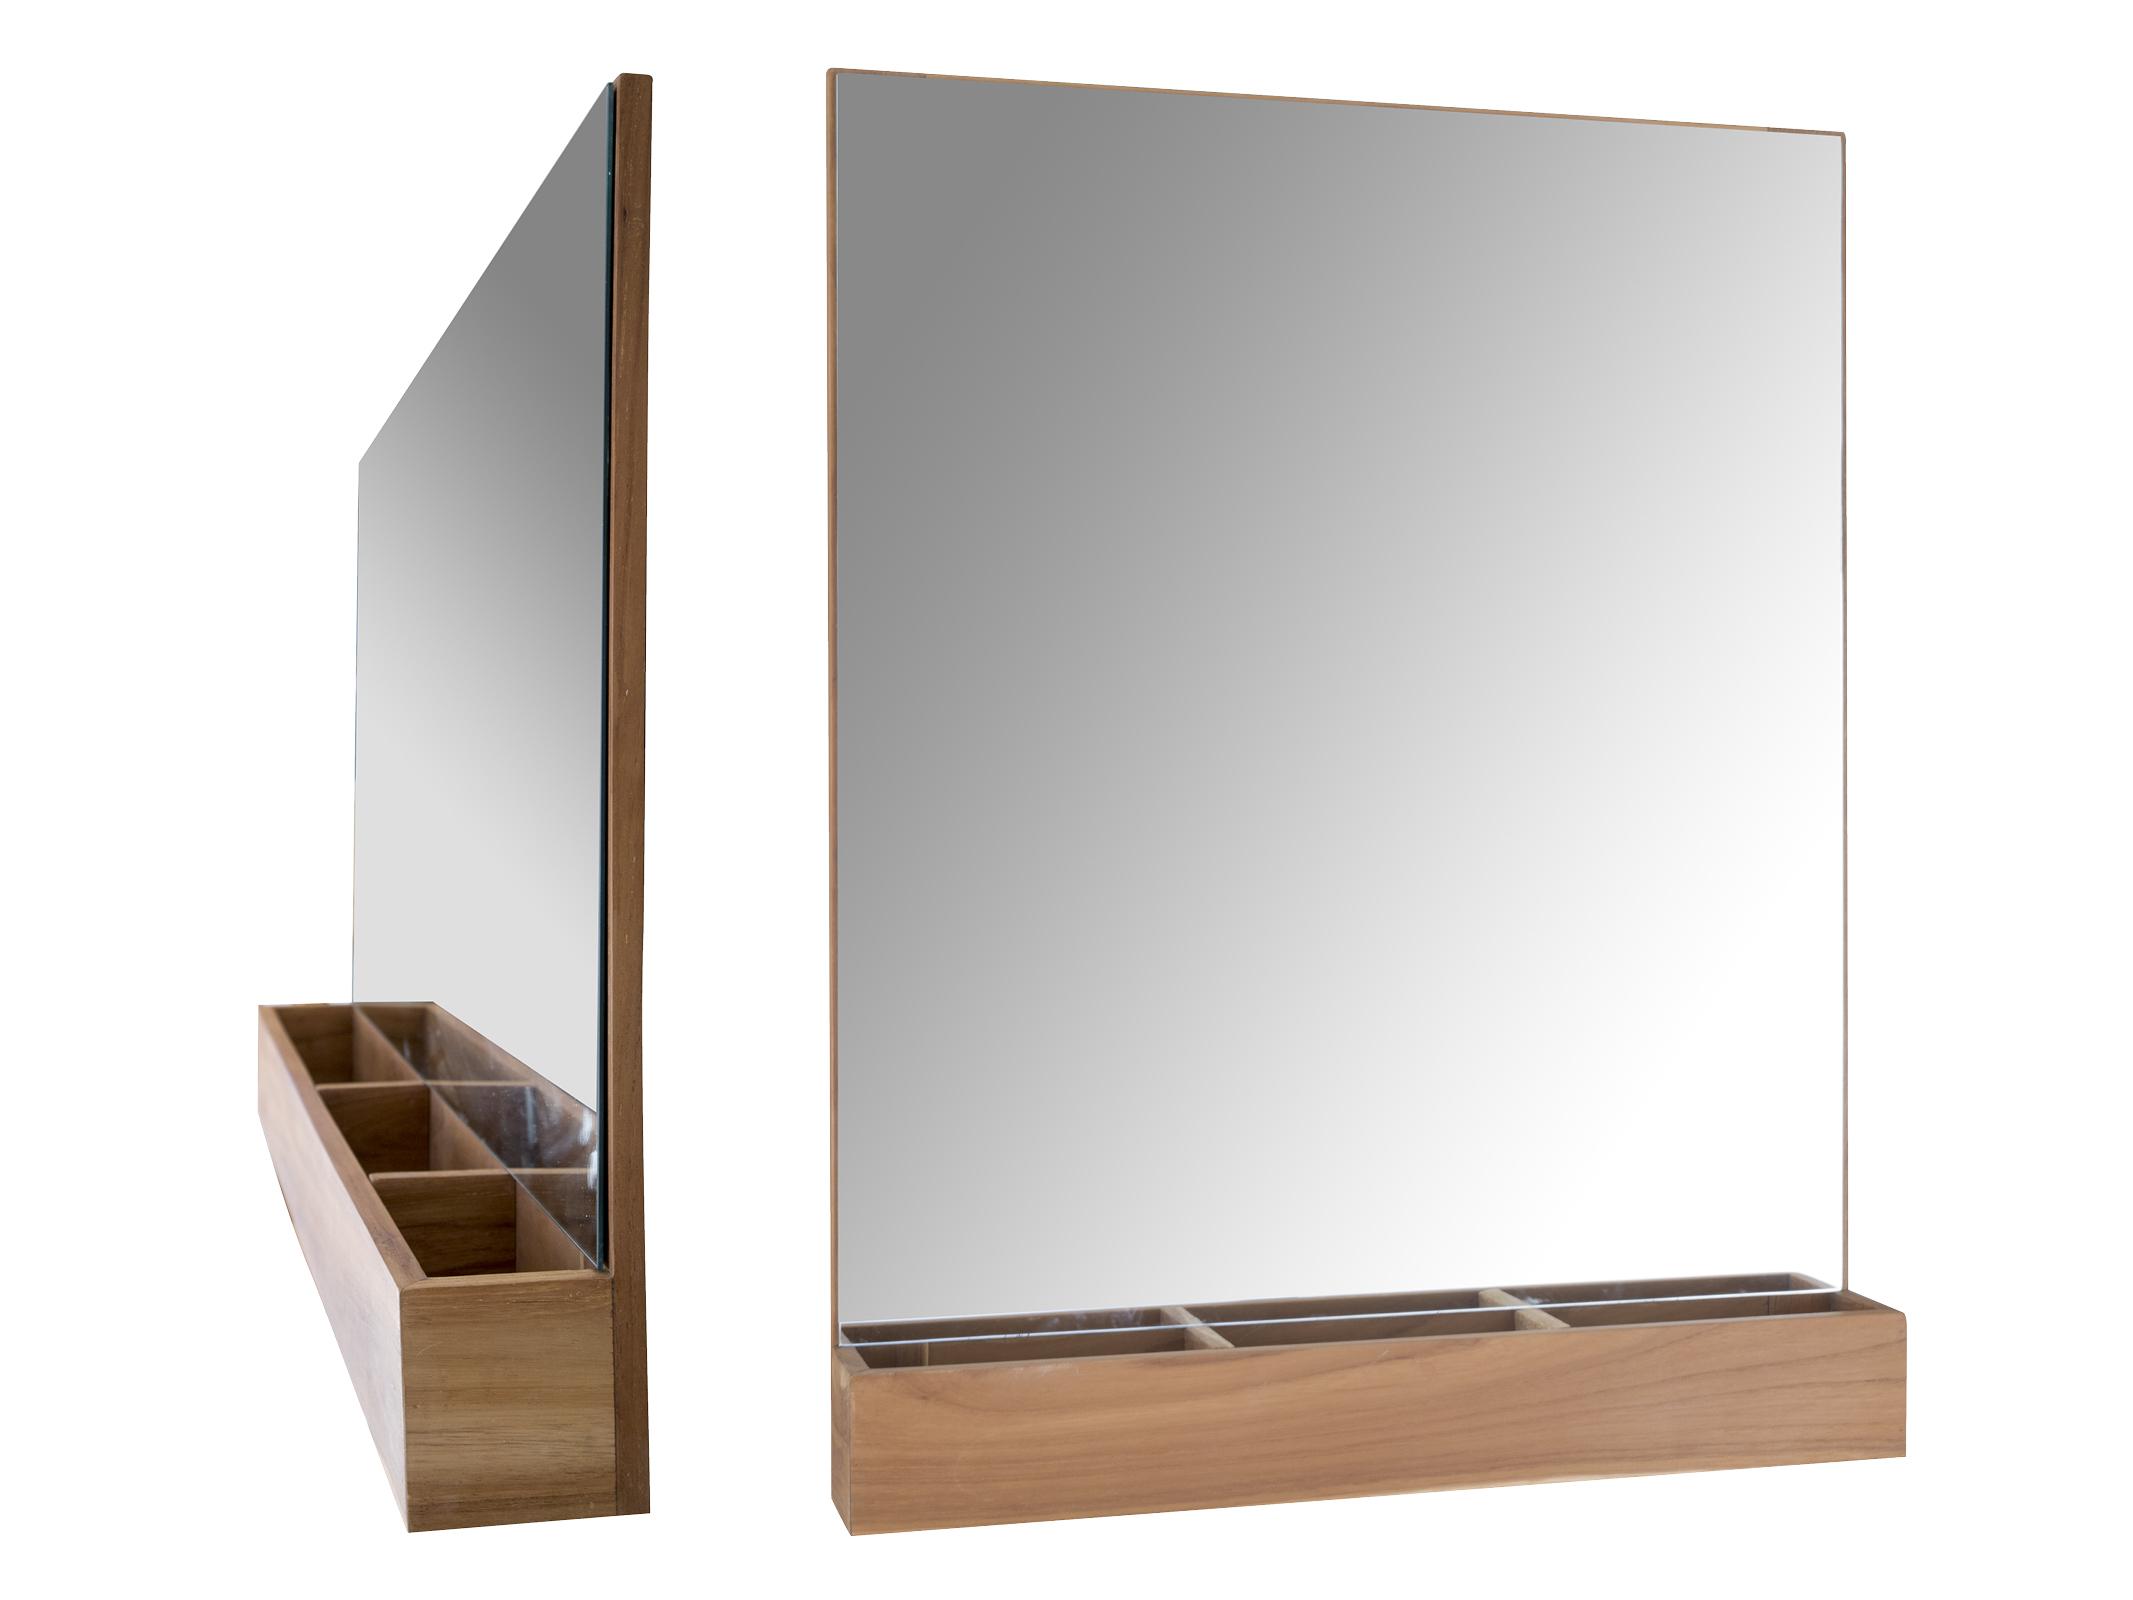 Specchi per arredo bagno specchio per il bagno di - Specchi per bagno moderni ...